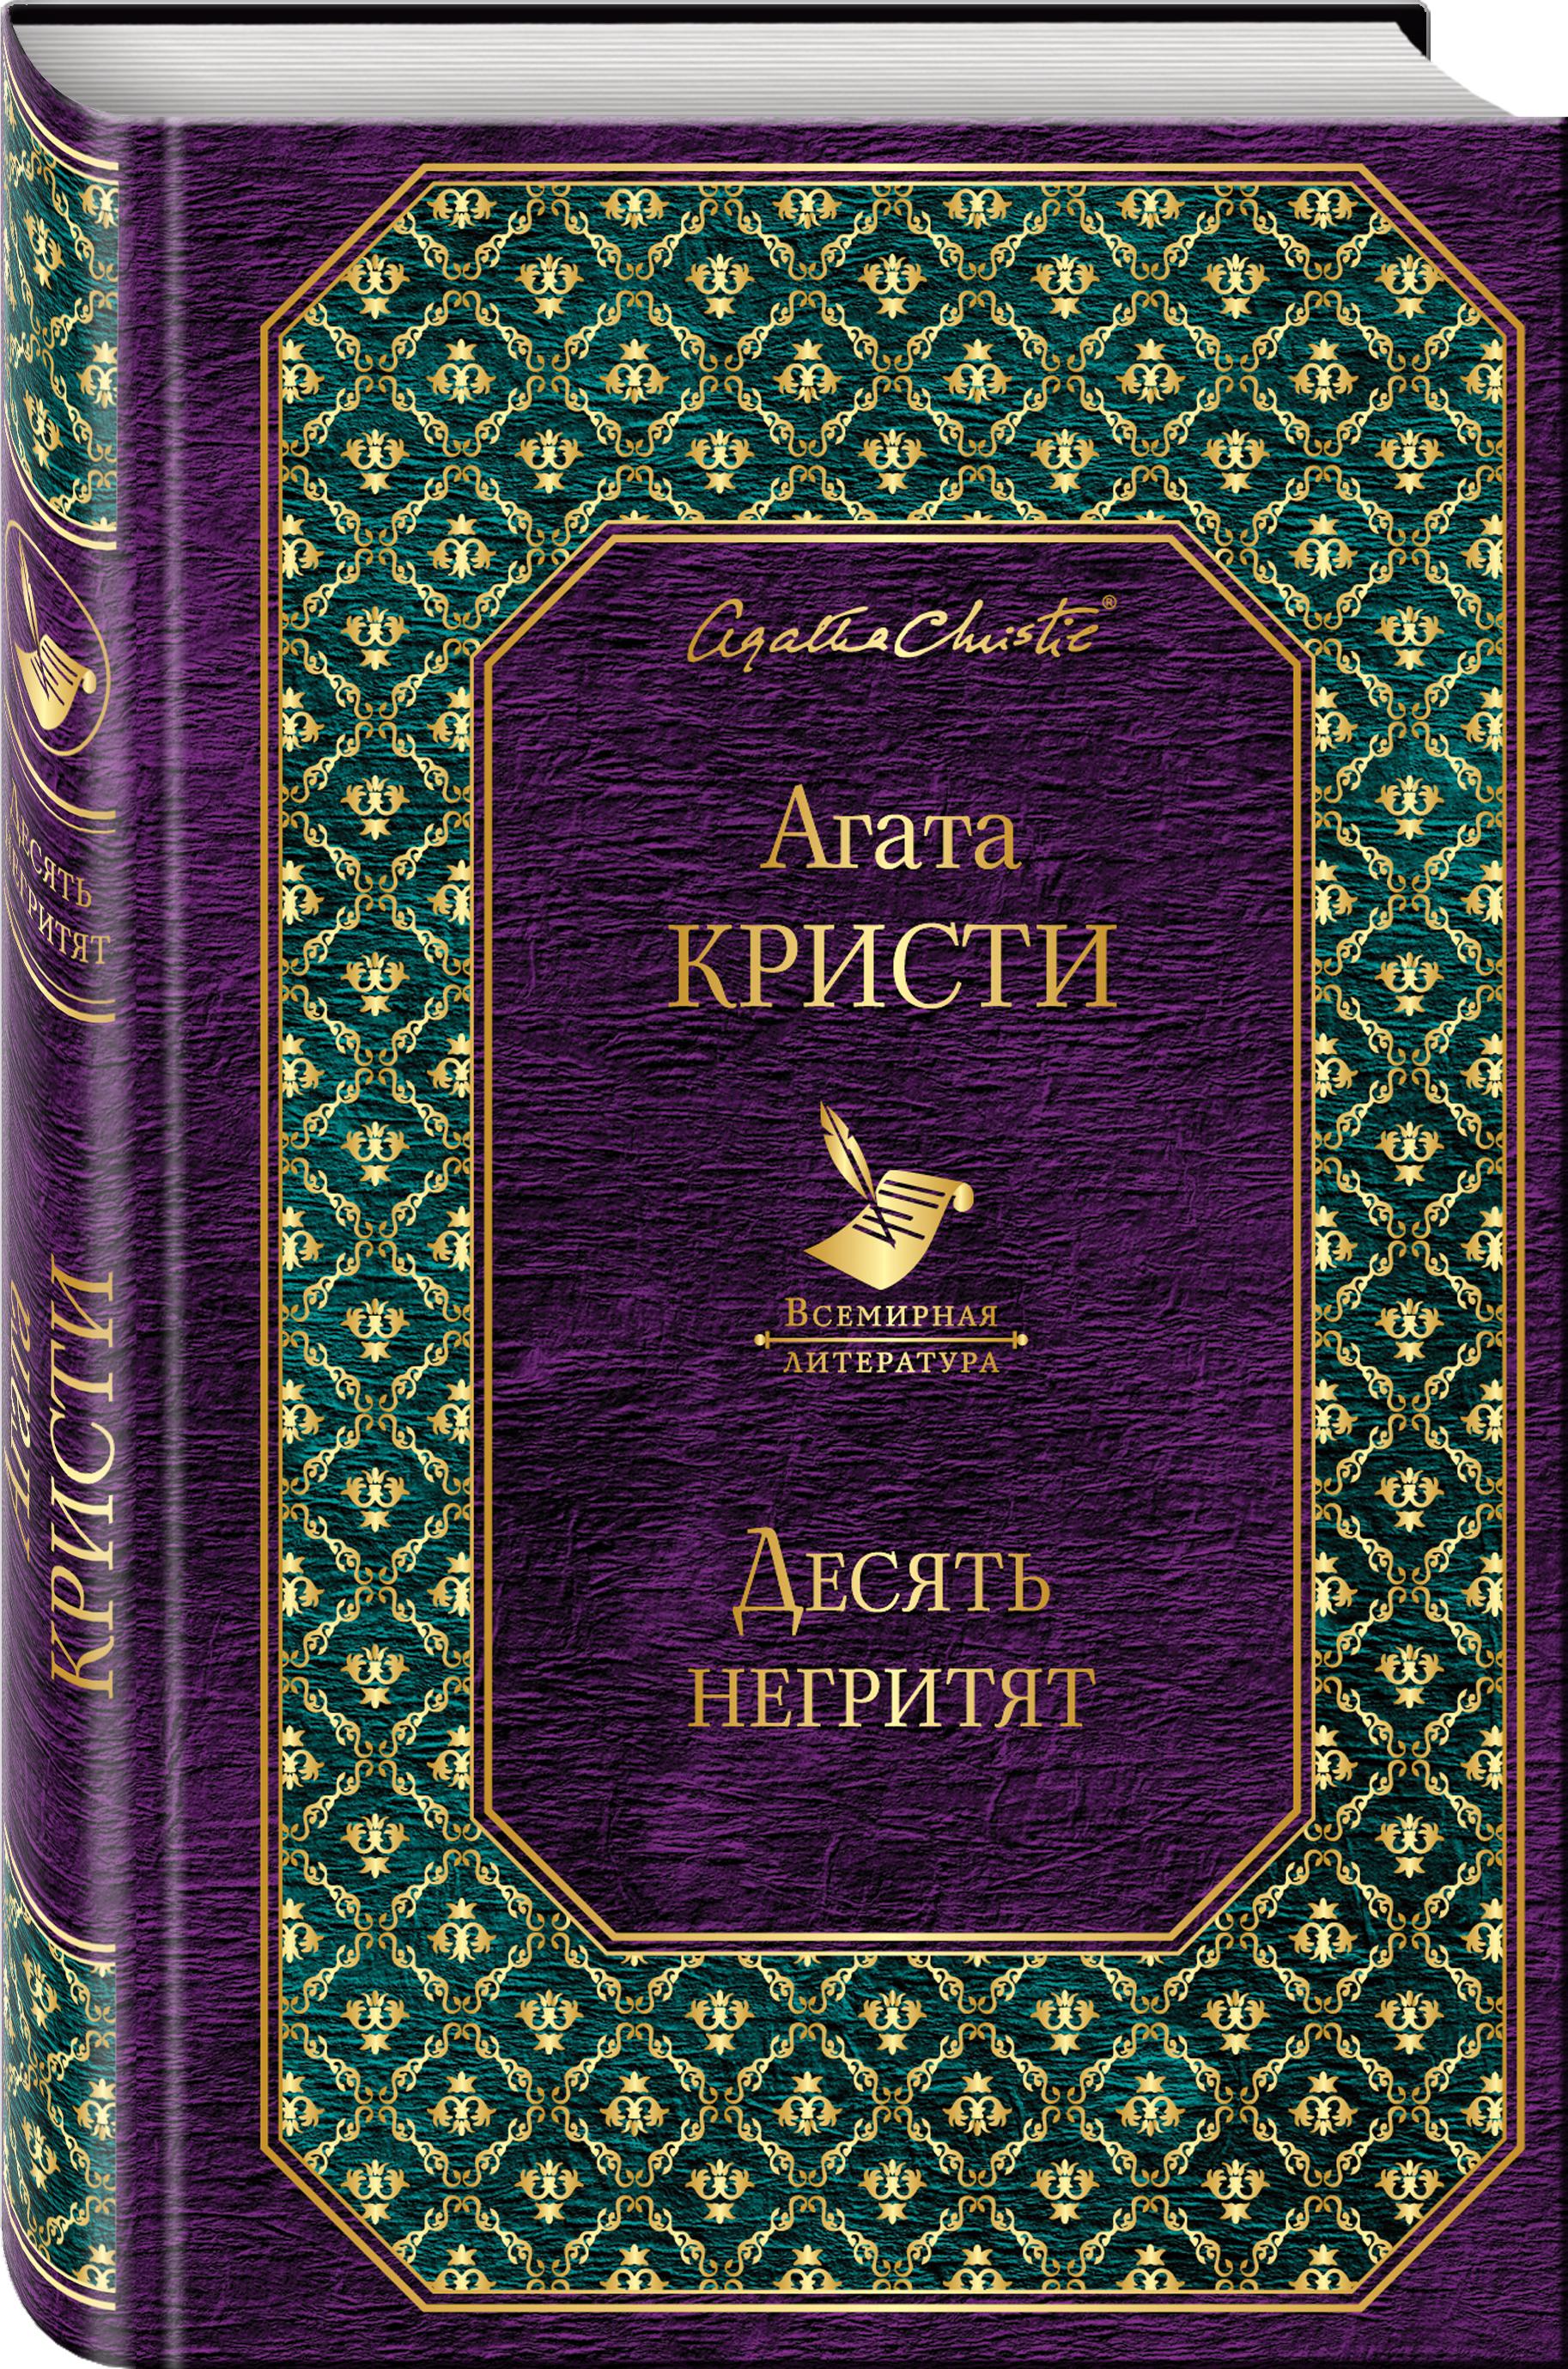 Кристи А. Десять негритят ISBN: 978-5-699-93035-7